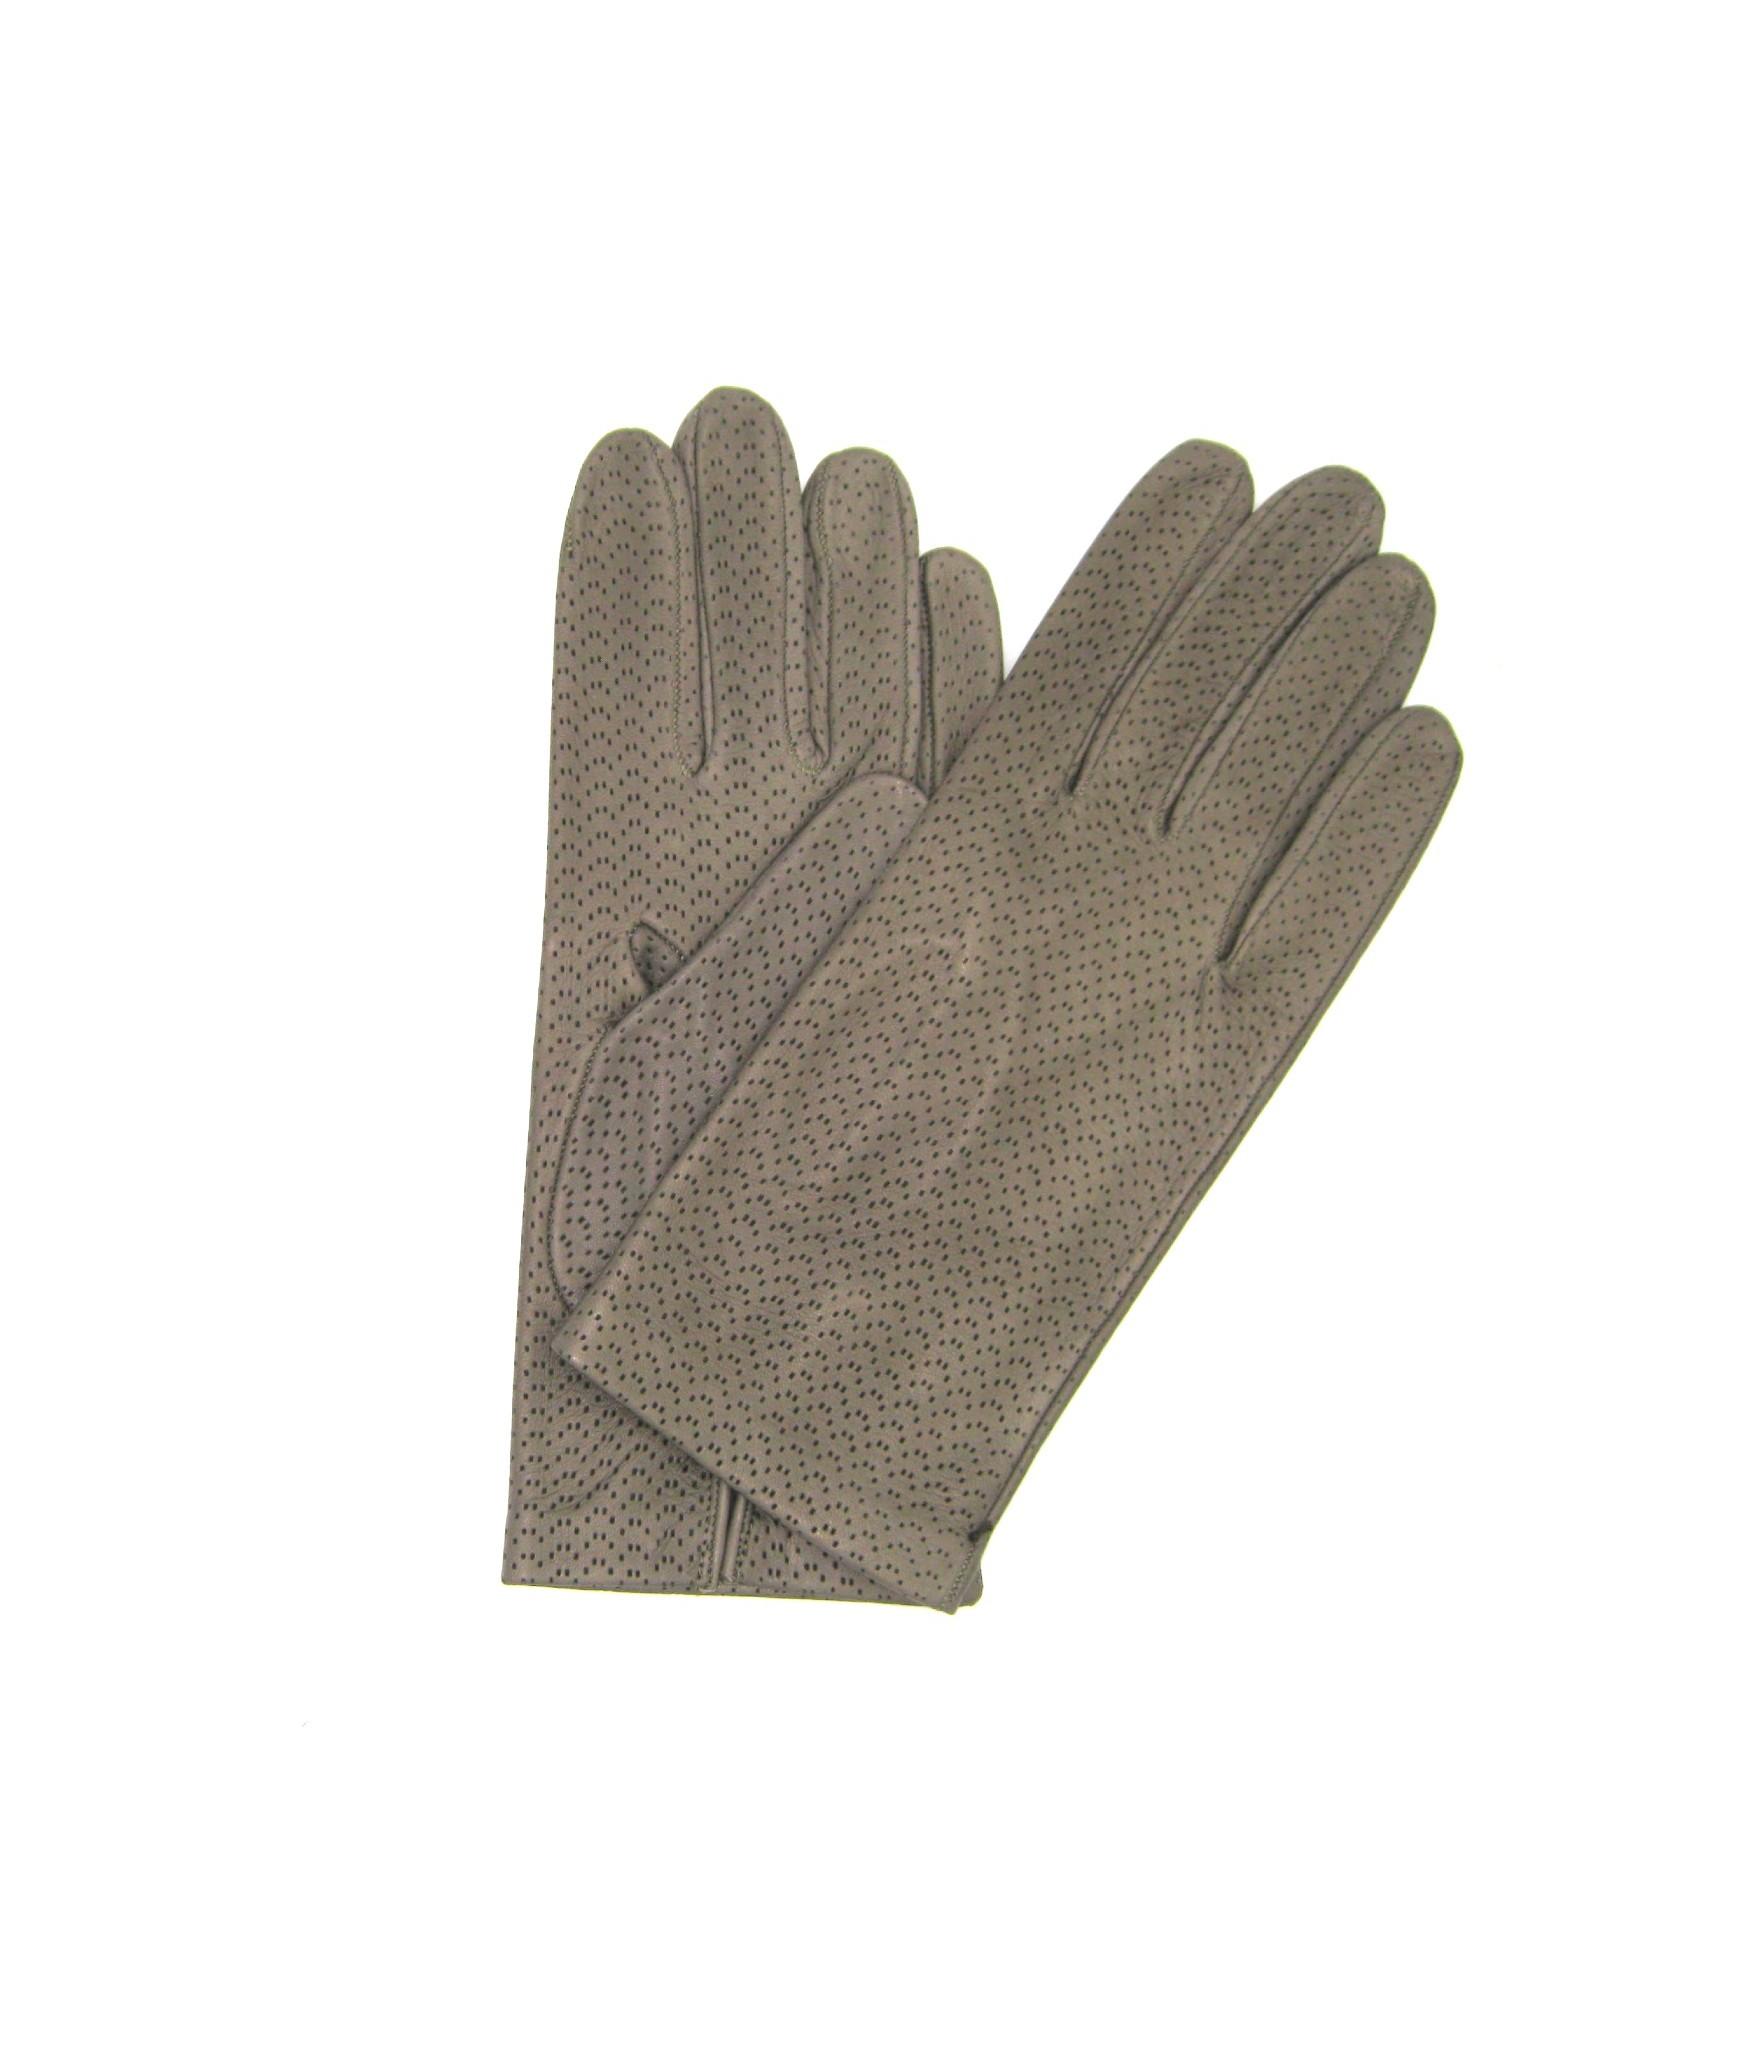 Guanto Nappa sfoderato Toupe Sermoneta Gloves Guanti in Pelle